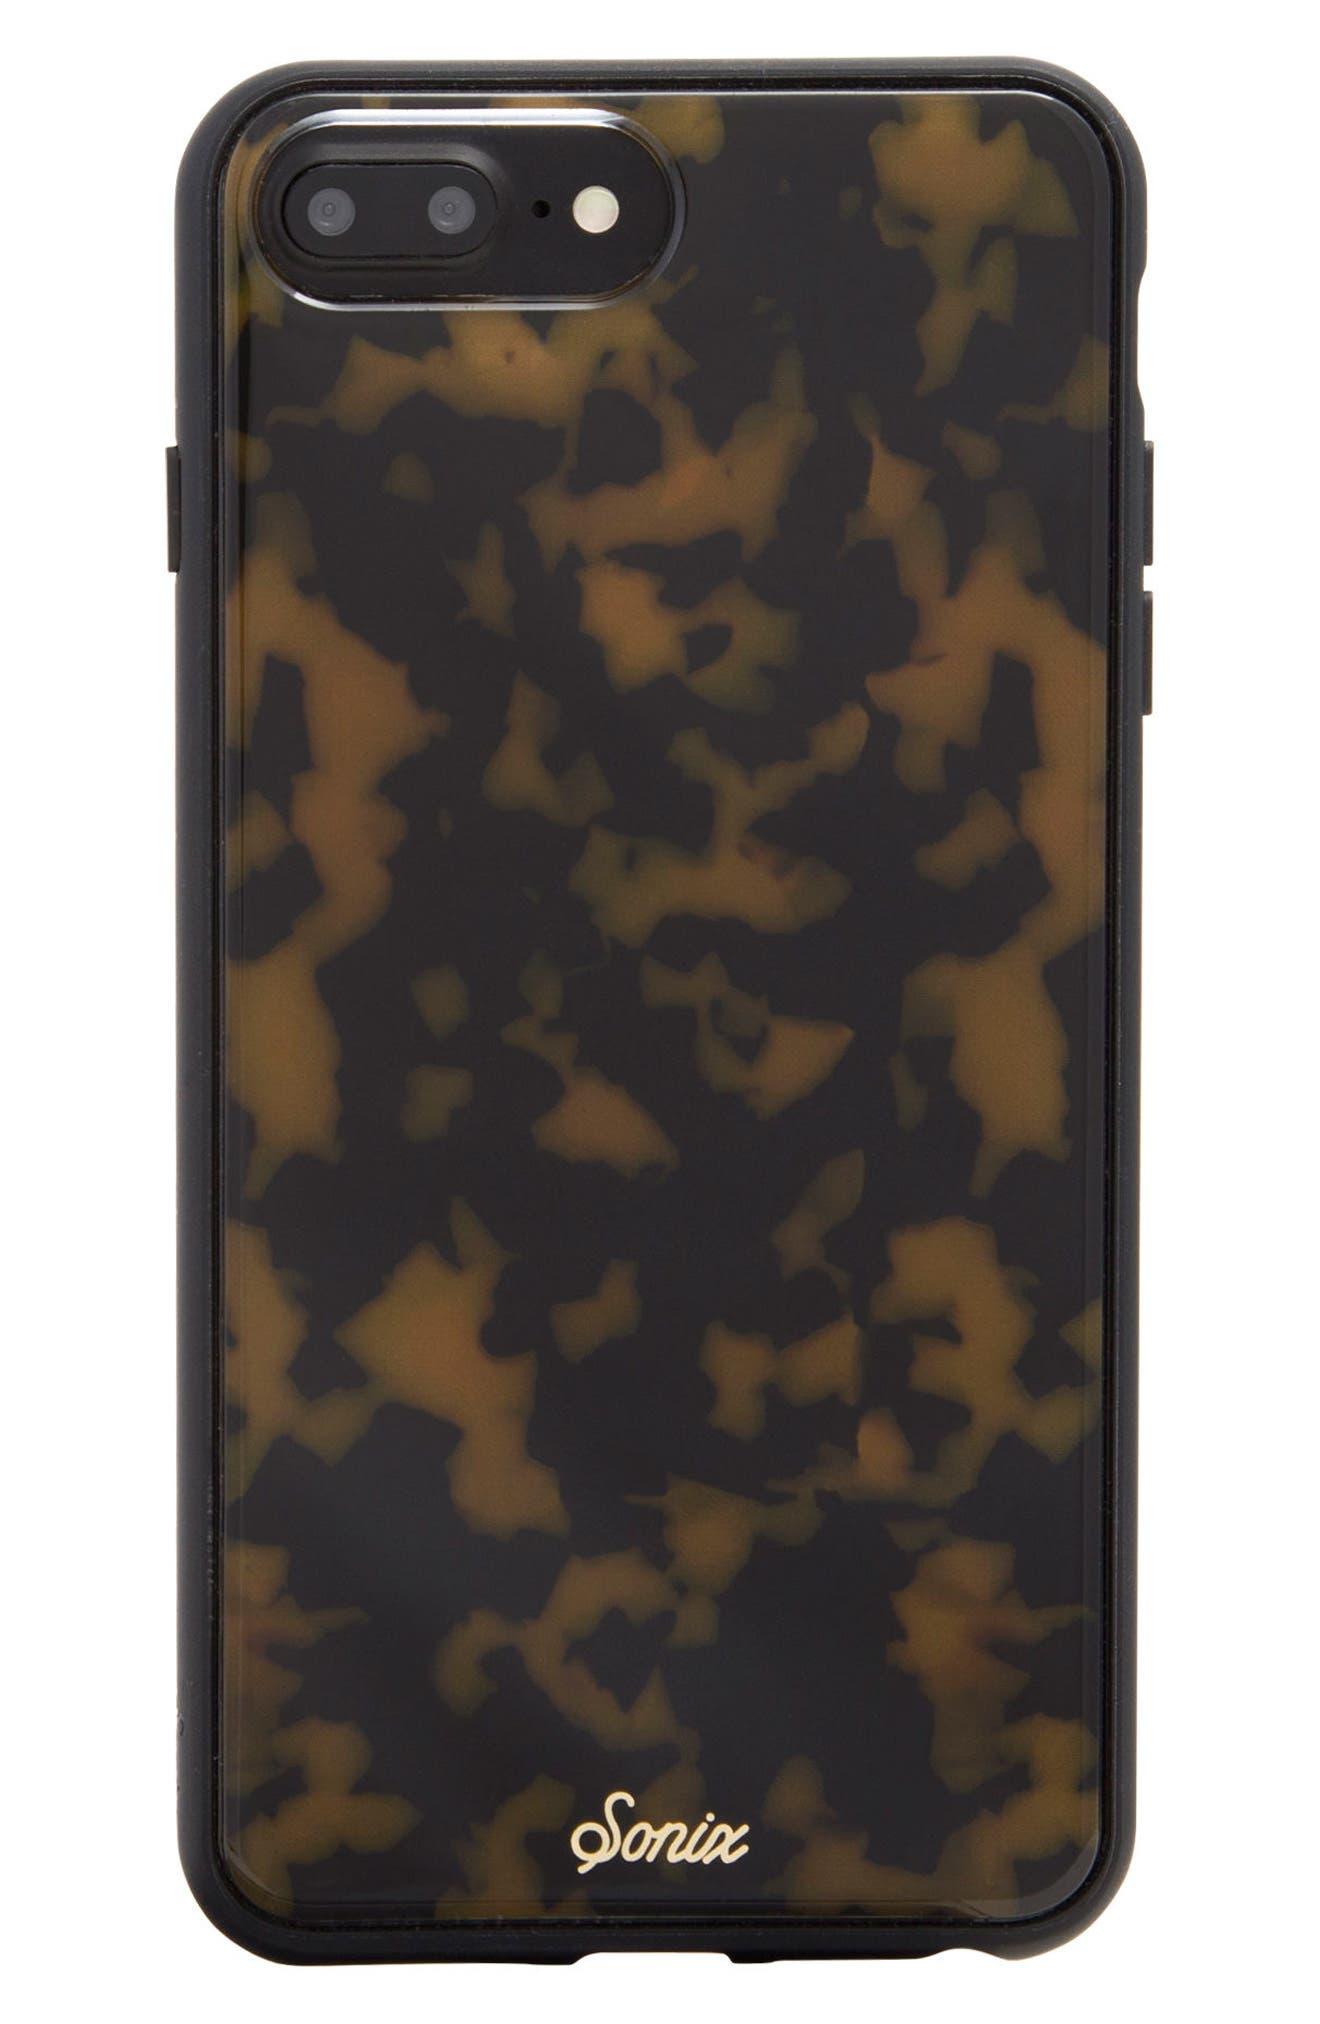 SONIX, Tortoise iPhone 6/6s/7/8 & 6/6s/7/8 Plus Case, Main thumbnail 1, color, 200